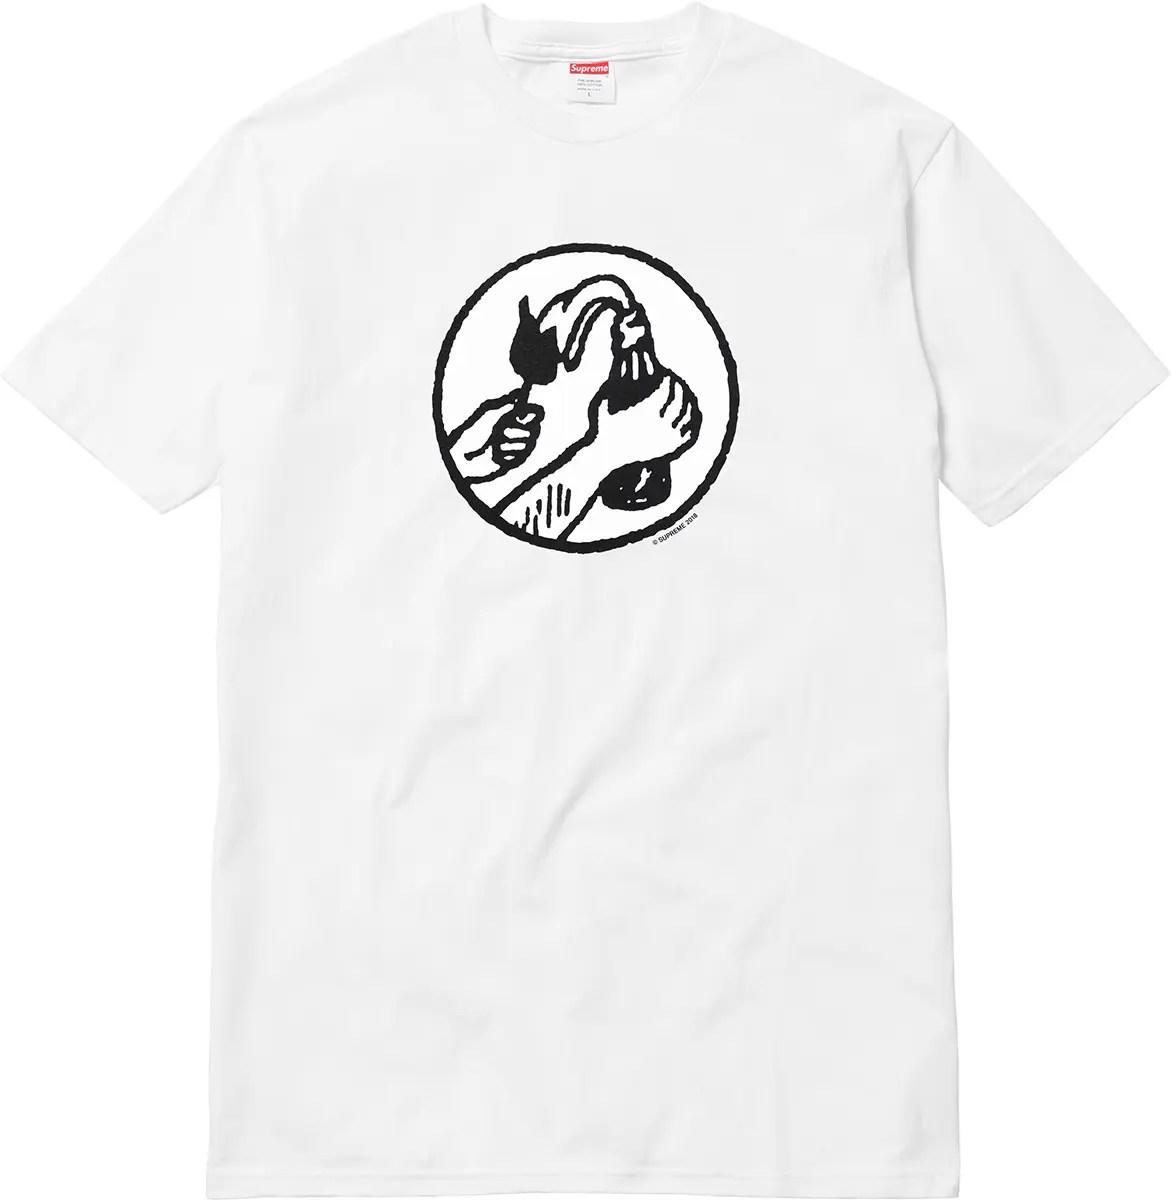 【Tシャツ/TEE まとめ】 シュプリーム (SUPREME) 2018 SPRING/SUMMER コレクション